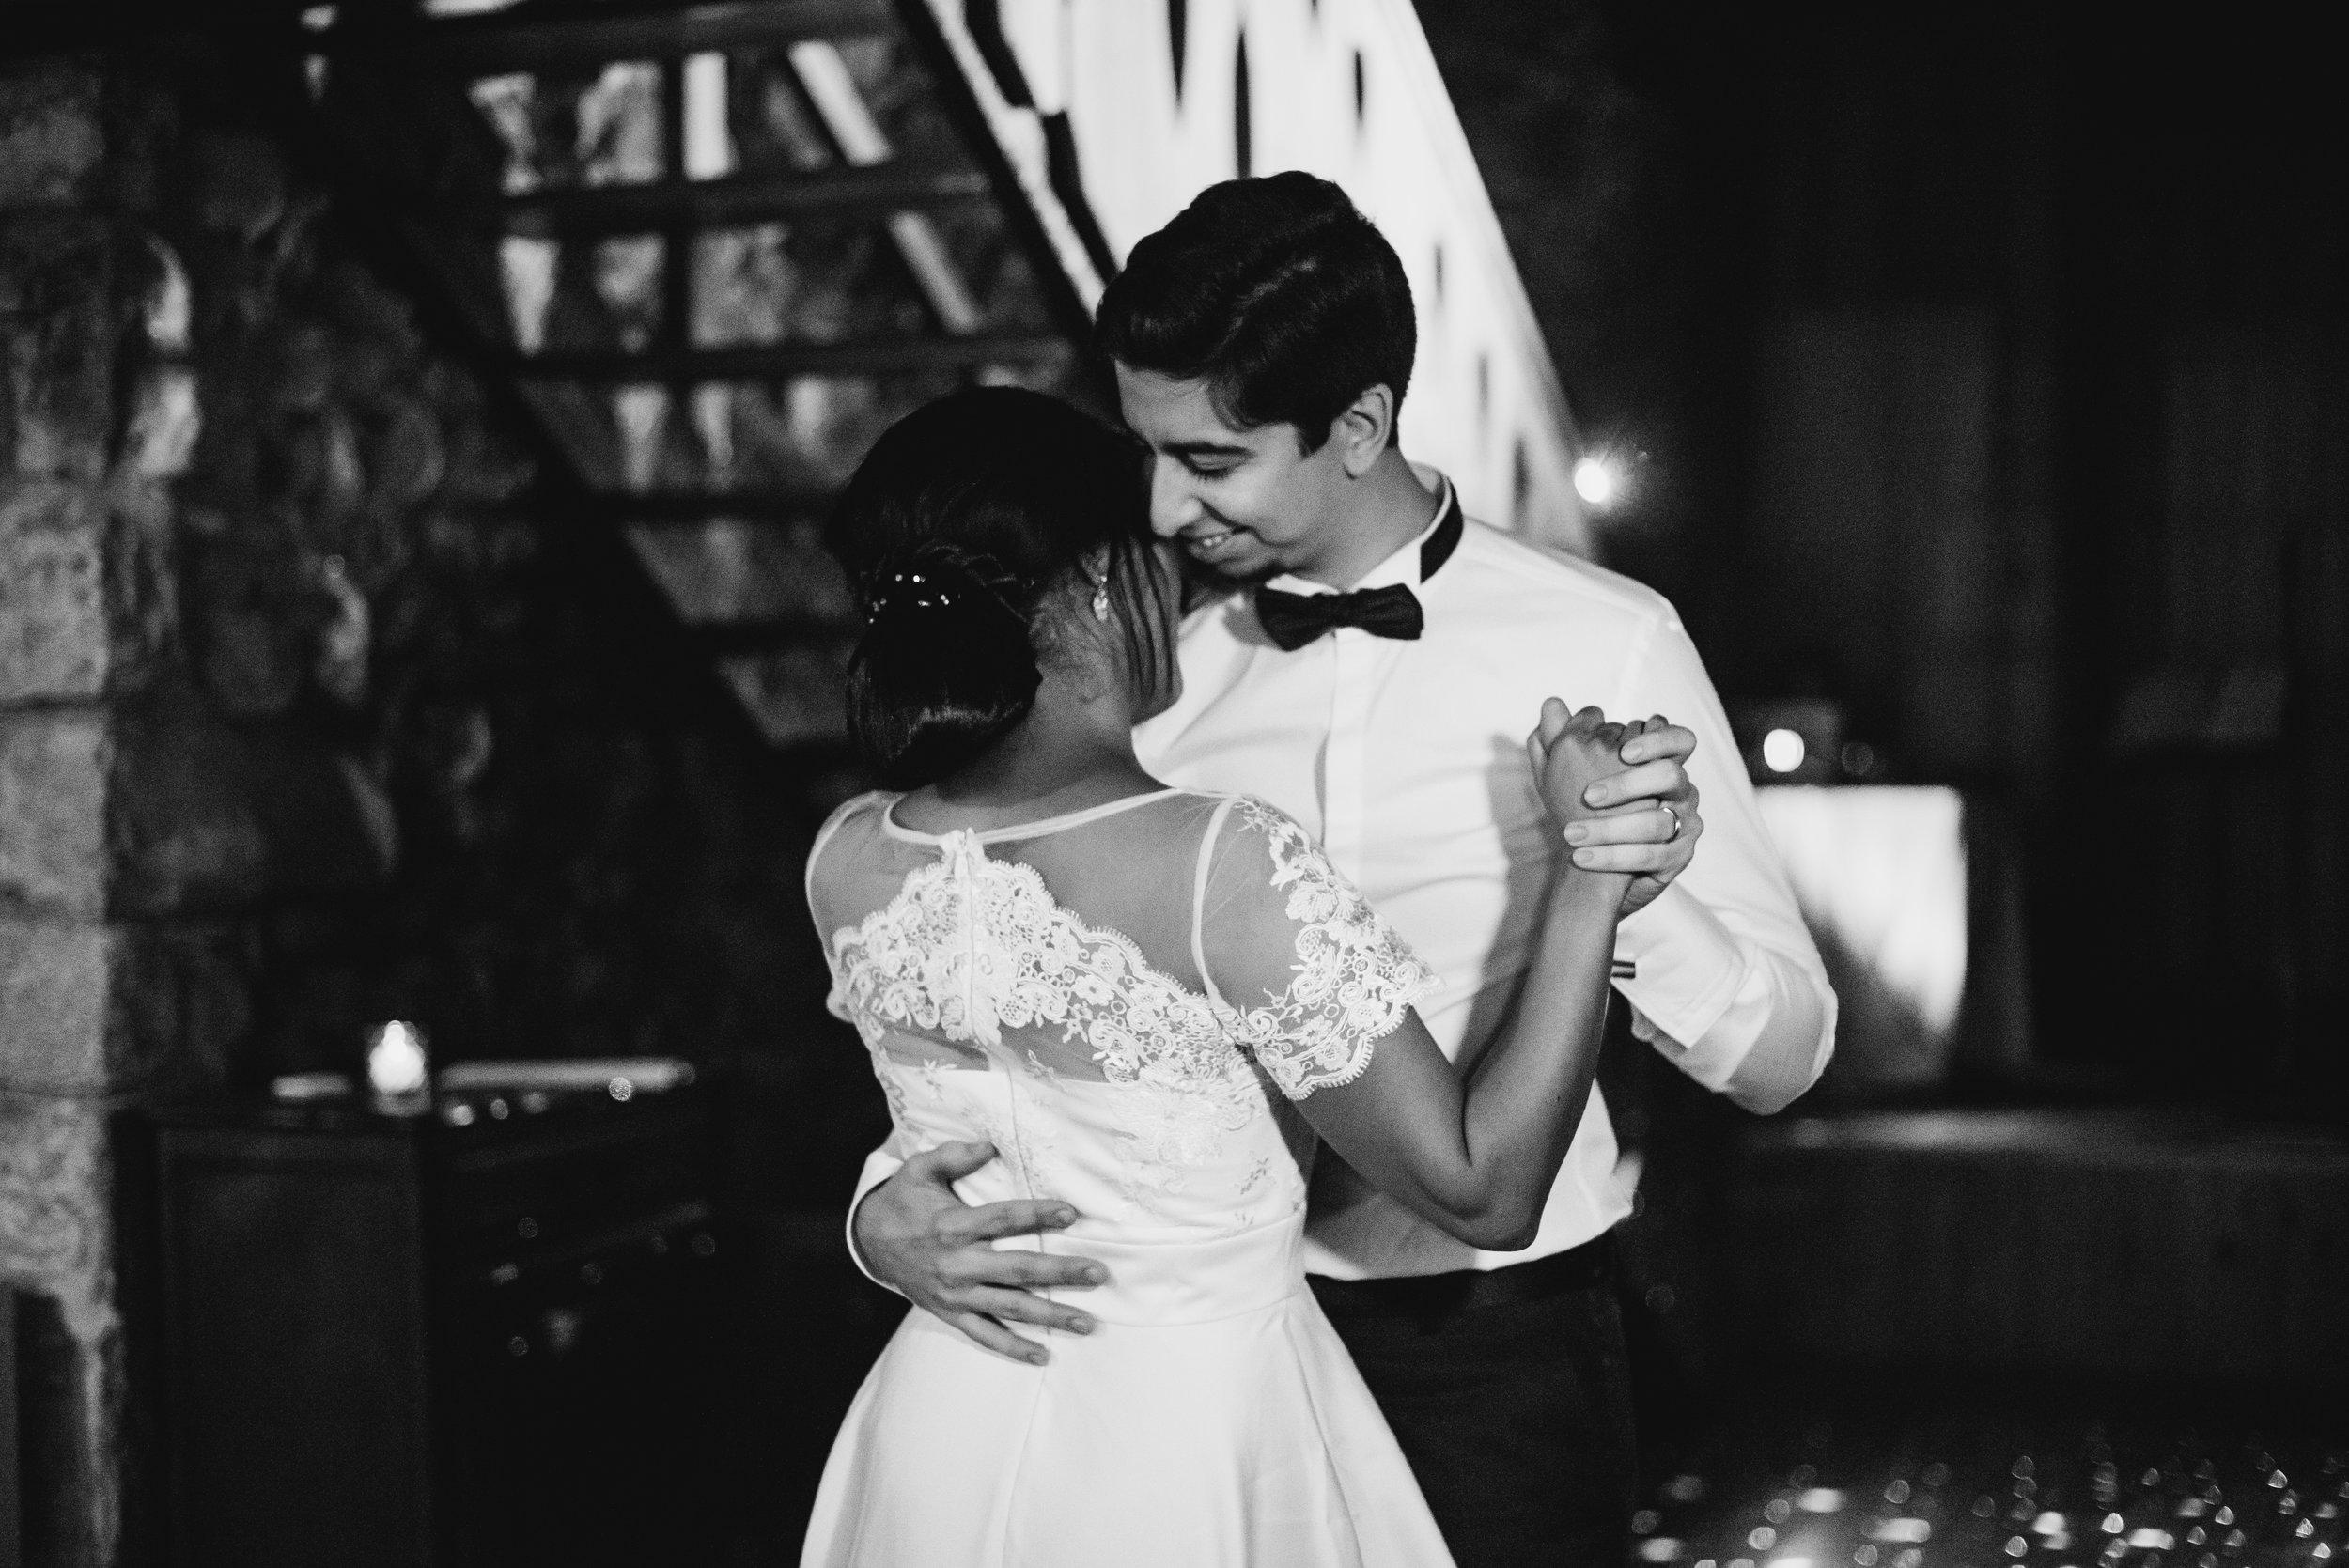 Léa-Fery-photographe-professionnel-lyon-rhone-alpes-portrait-creation-mariage-evenement-evenementiel-famille-9180.jpg